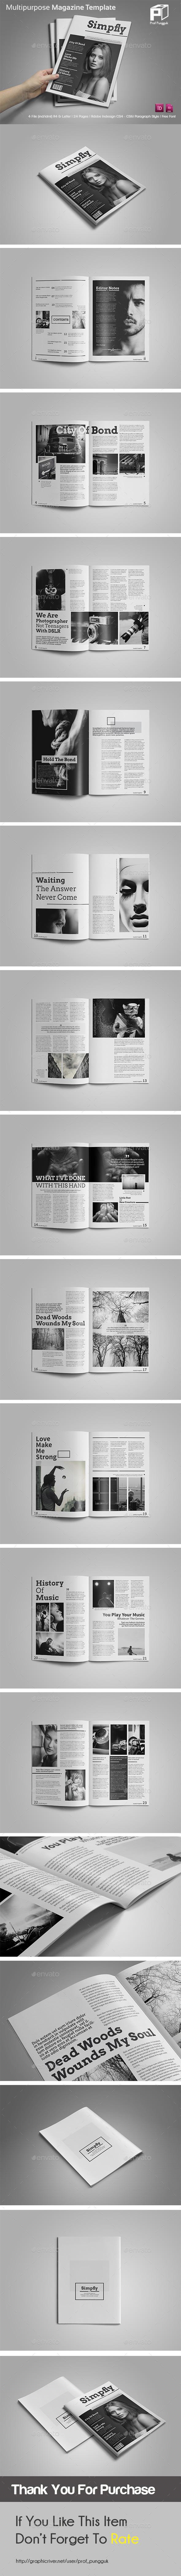 Black & White Magazine - Magazines Print Templates